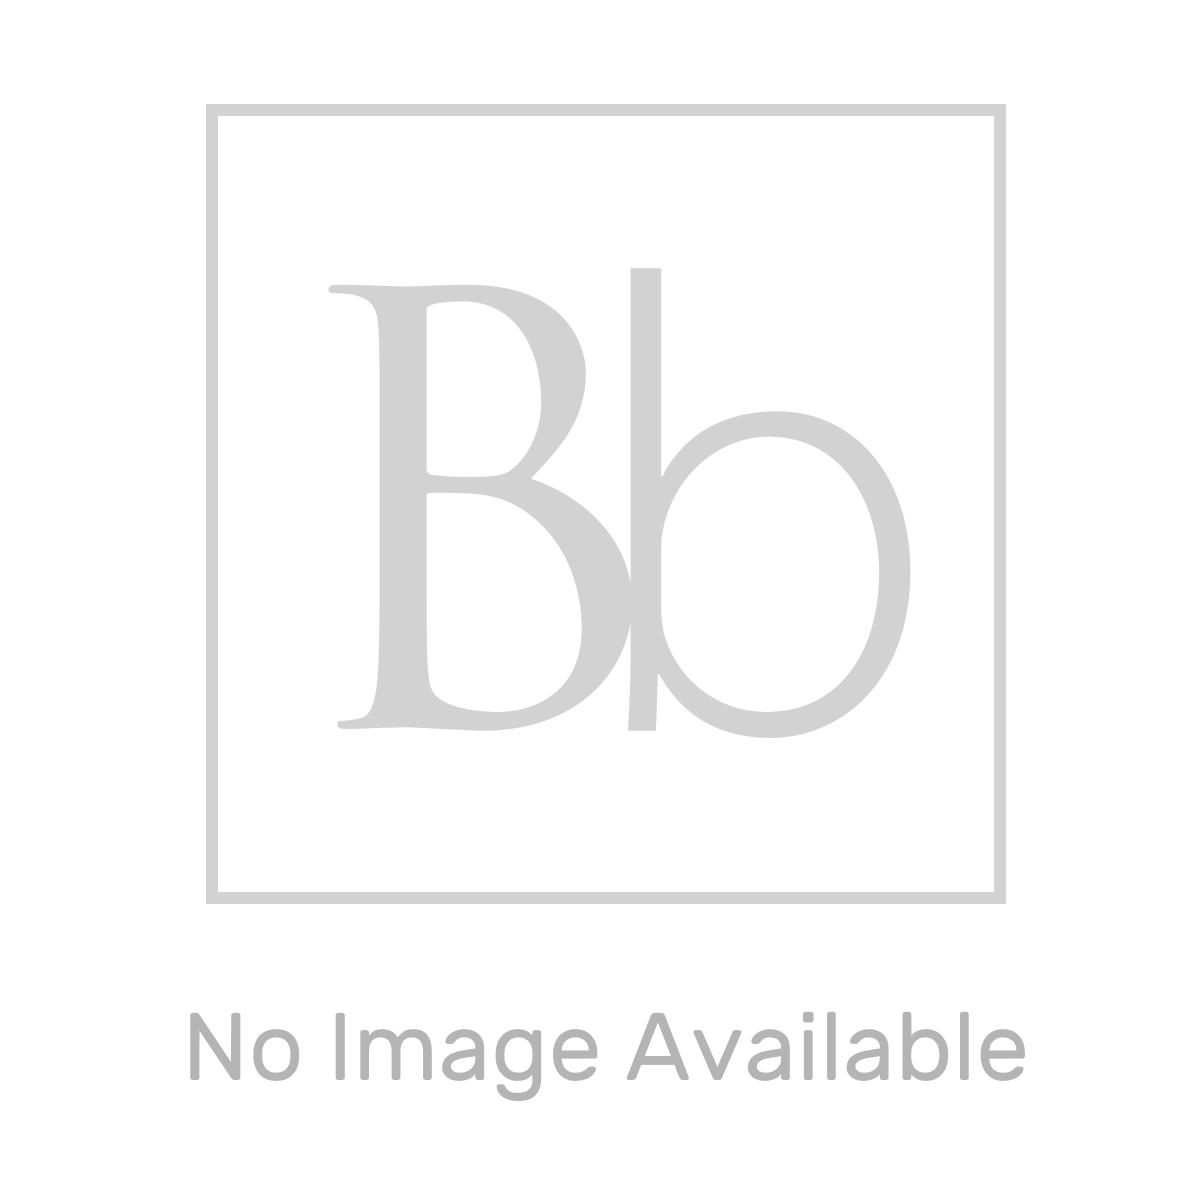 RAK Cloud Matt Greige Freestanding Bath 1400mm